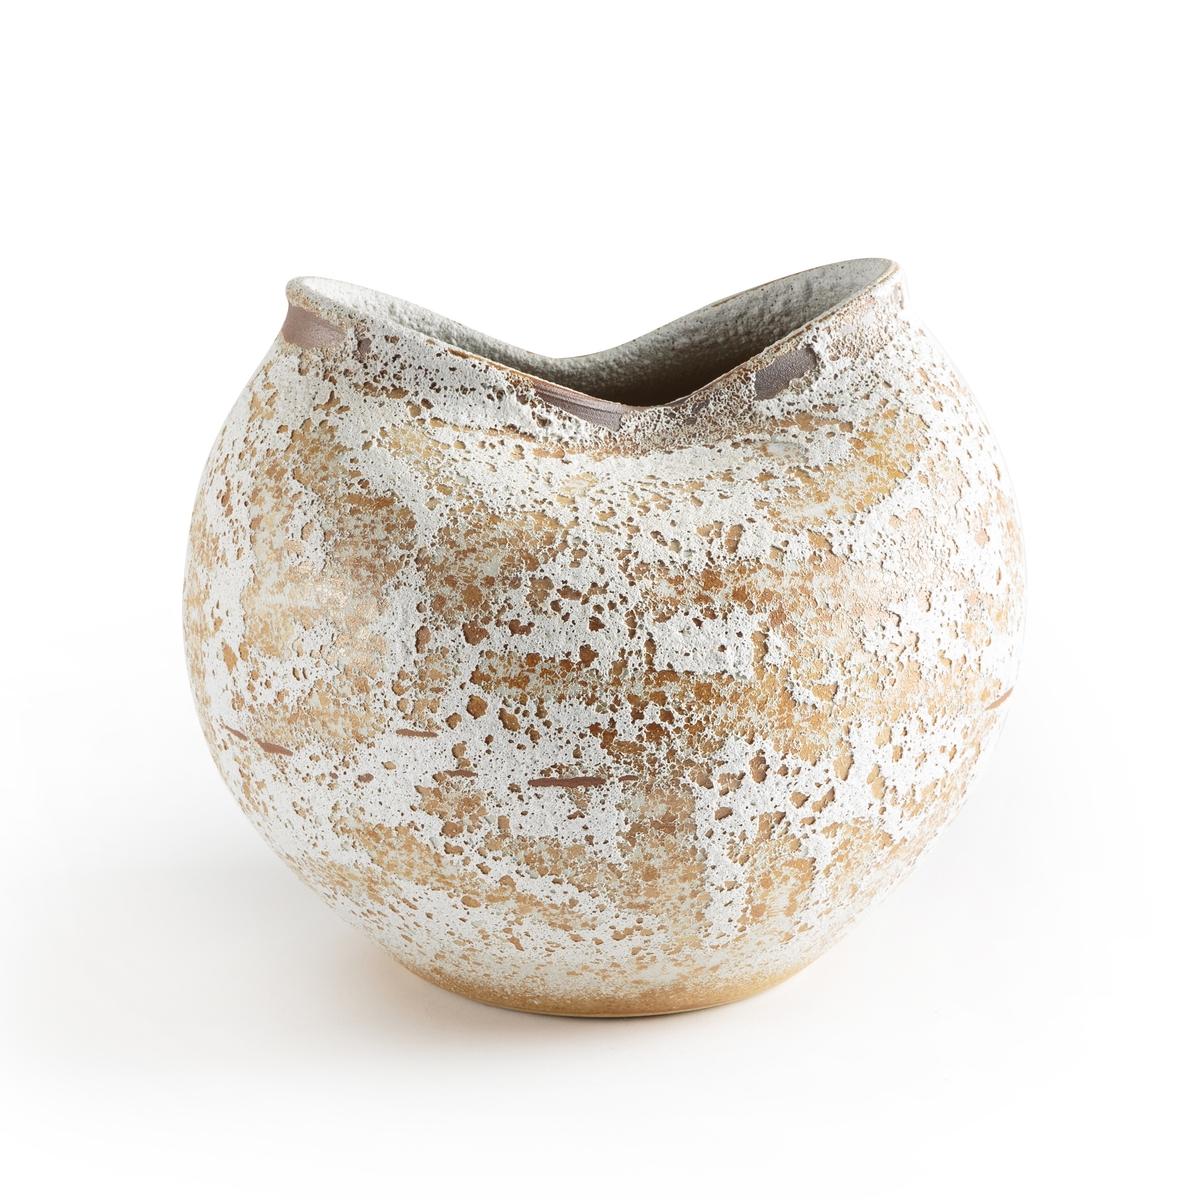 Ваза La Redoute В см Nankin единый размер каштановый кувшин la redoute из керамики sanna единый размер каштановый